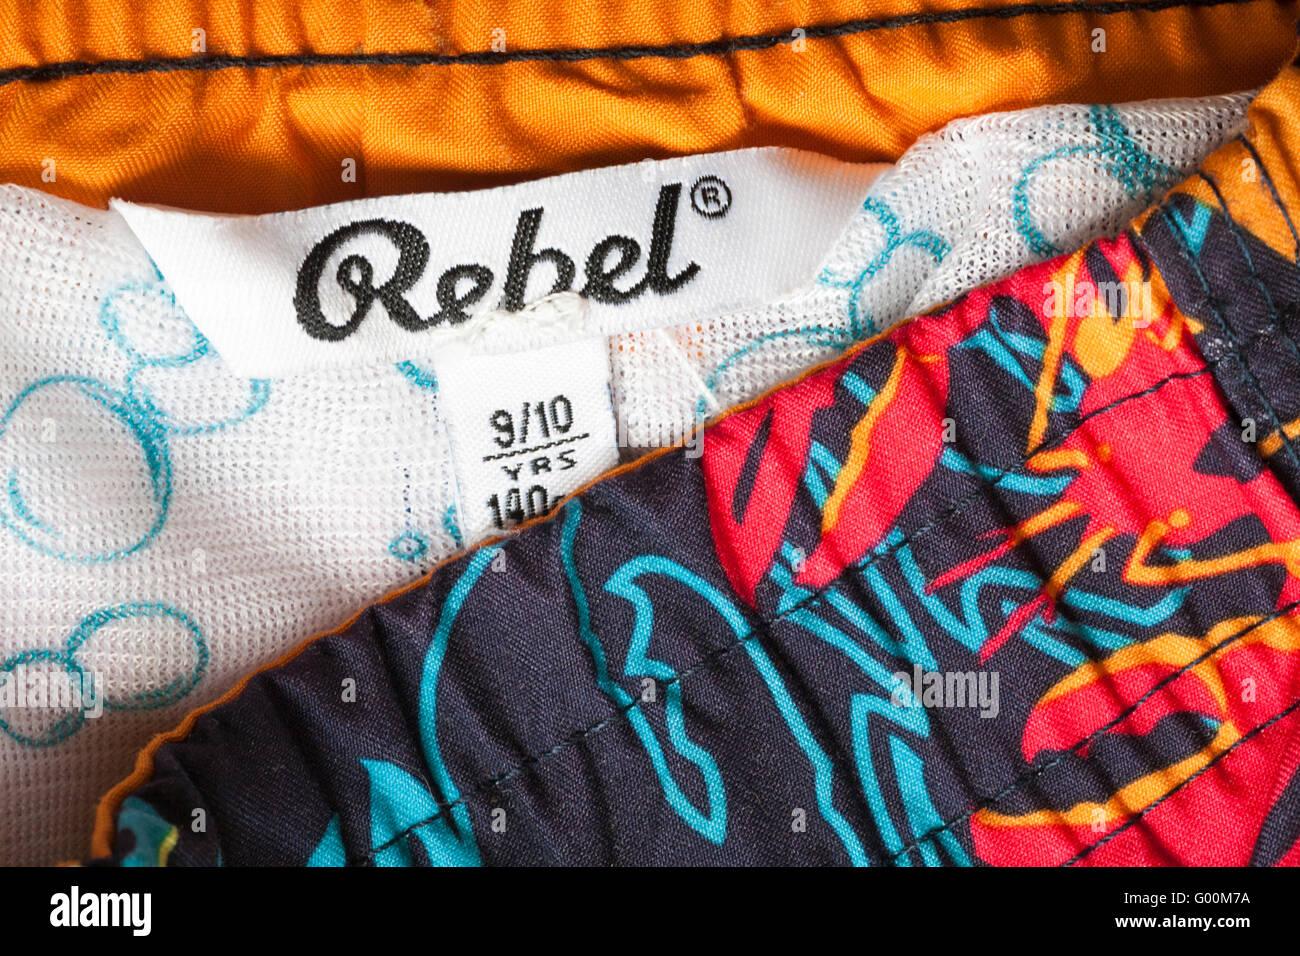 Etiqueta rebelde en niño shorts 9/10 años de edad Imagen De Stock